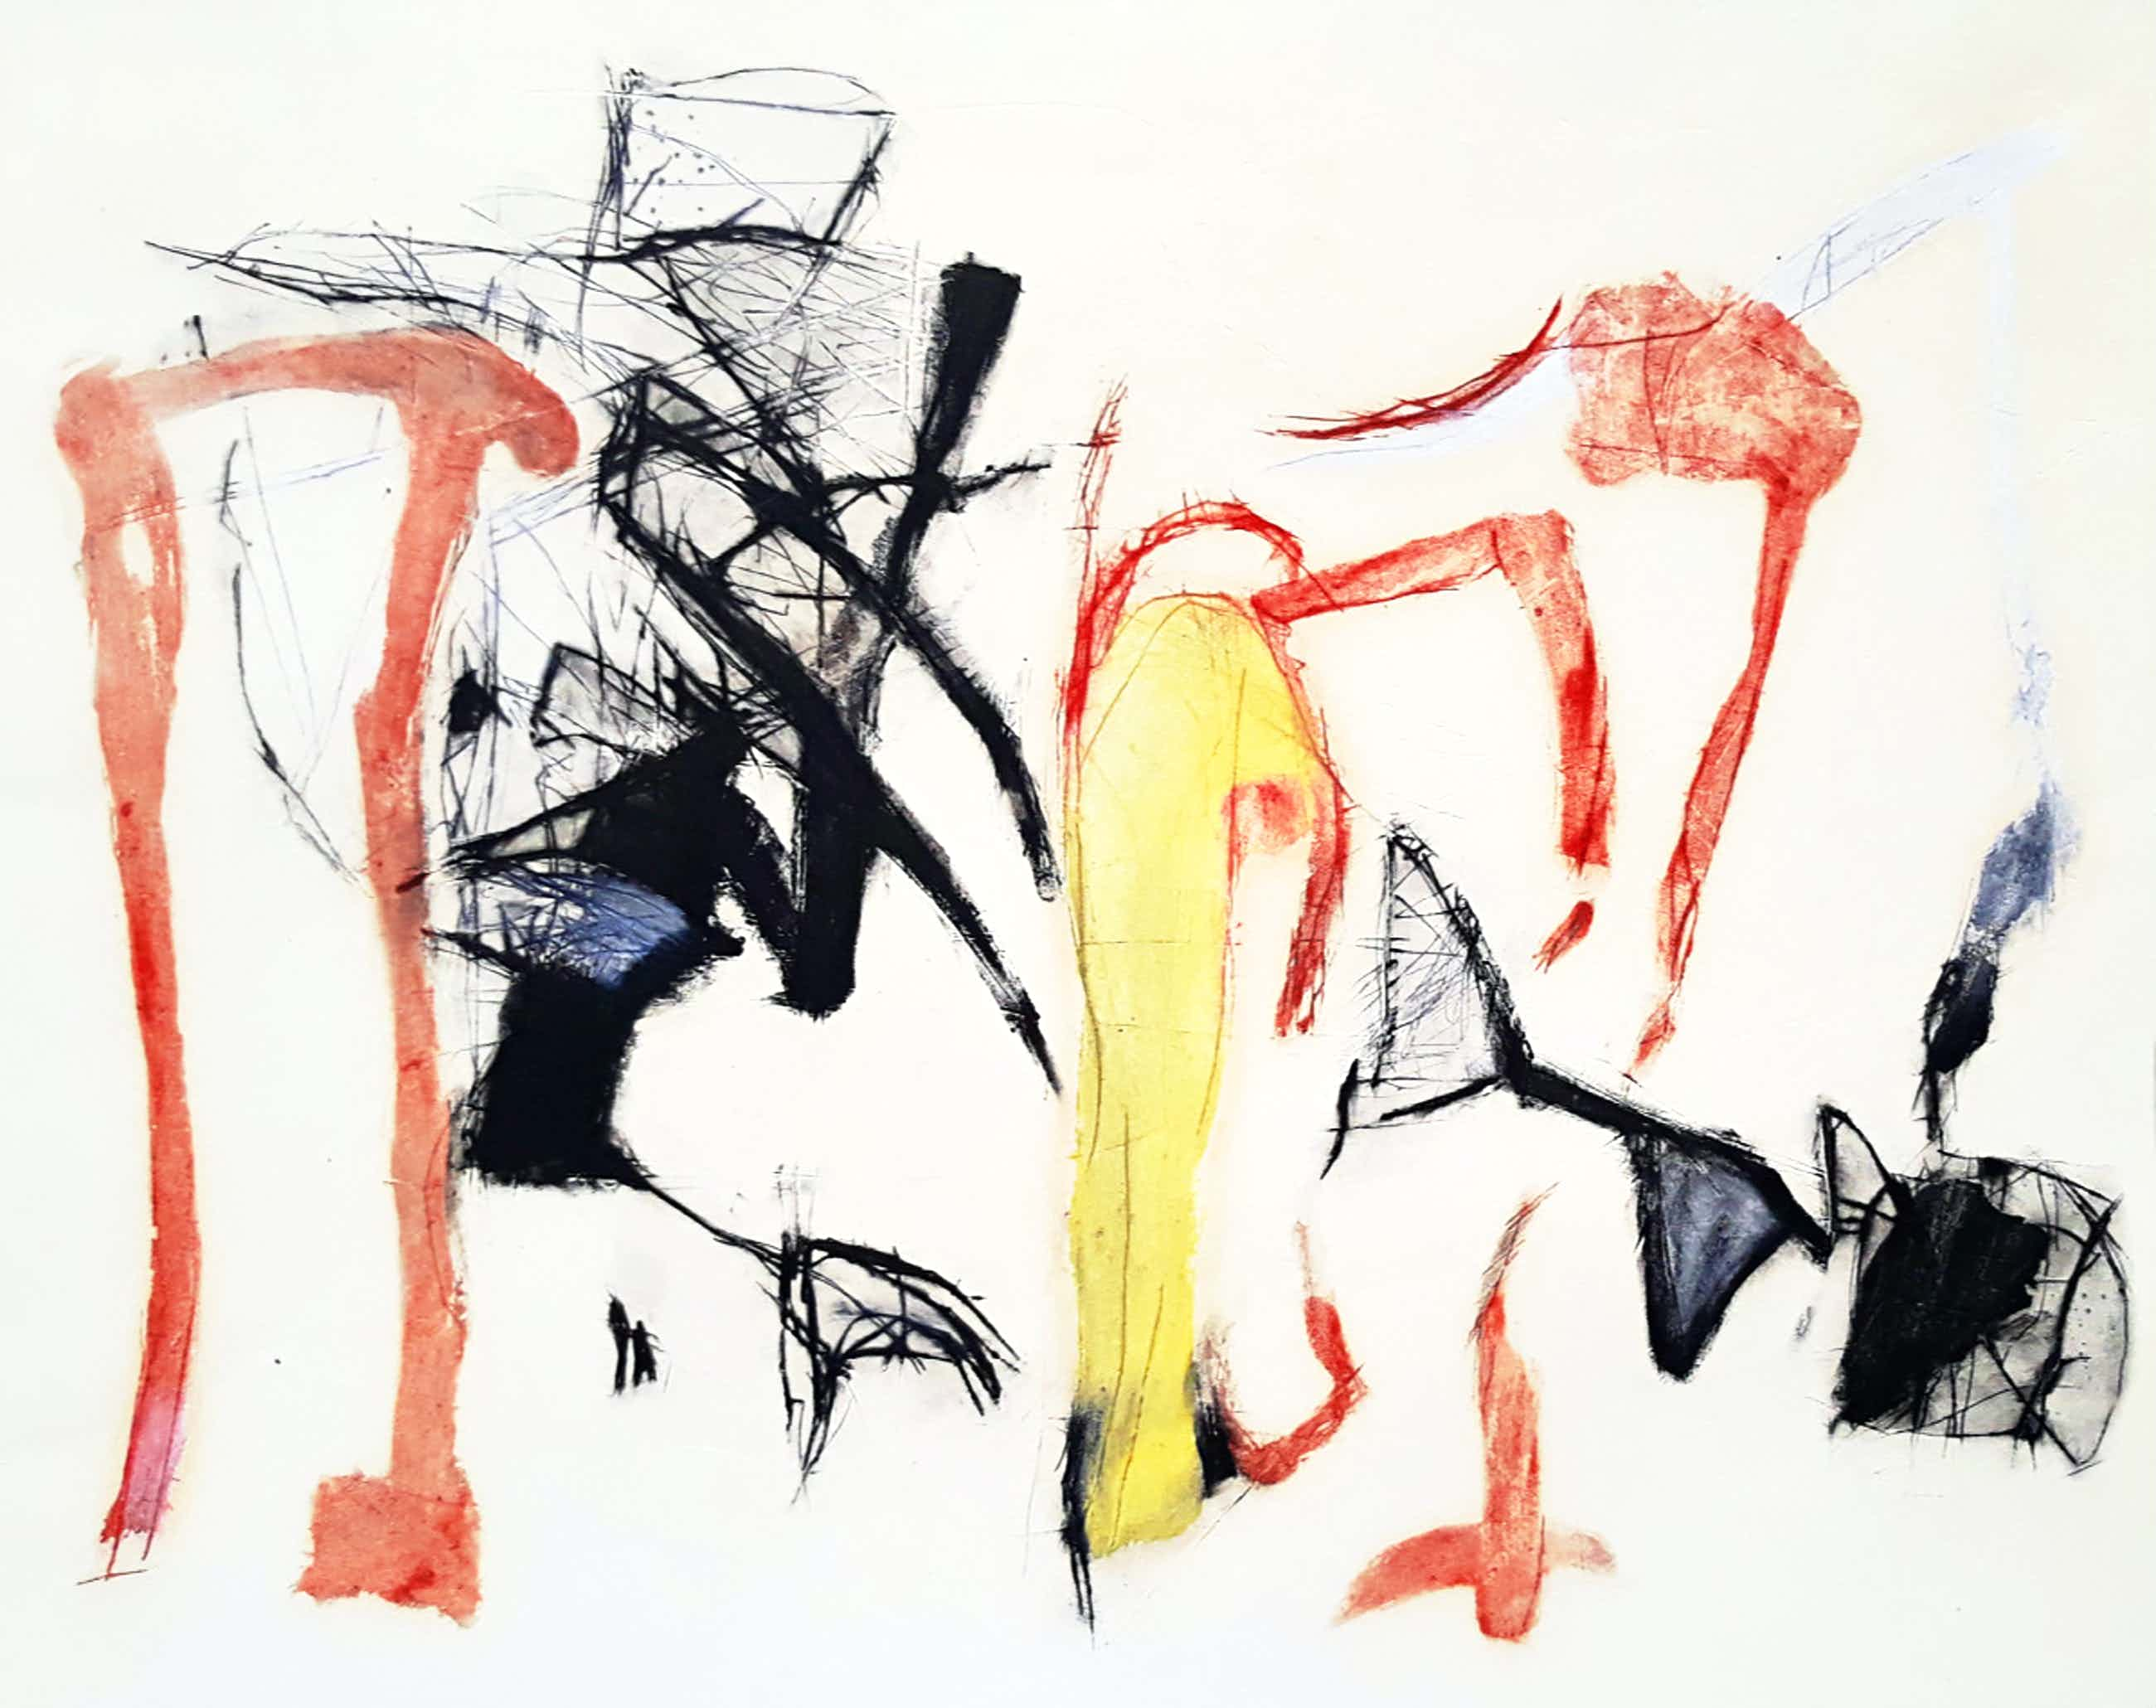 Gerdi Bouws - Abstracte compositie, aquatint ets kopen? Bied vanaf 50!